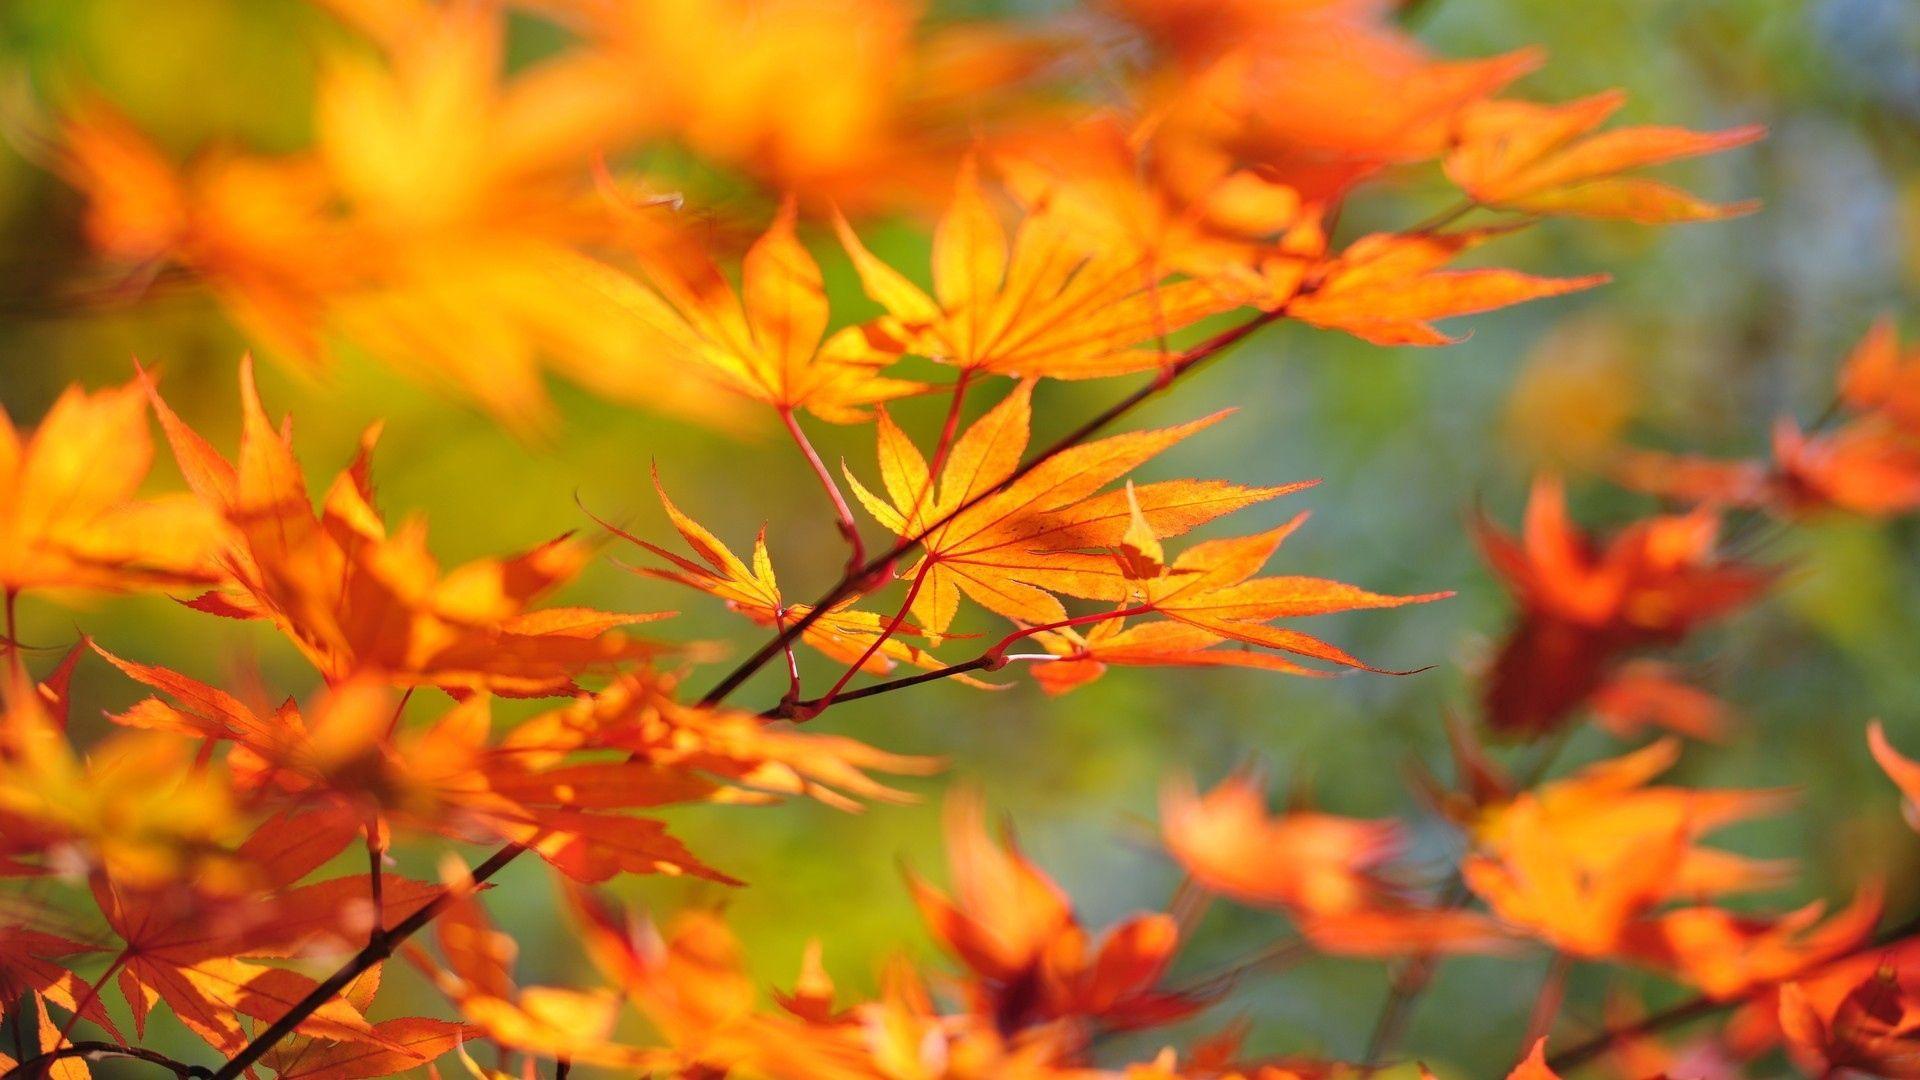 92986 Заставки и Обои Осень на телефон. Скачать Осень, Листья, Макро, Ветка, Клён картинки бесплатно